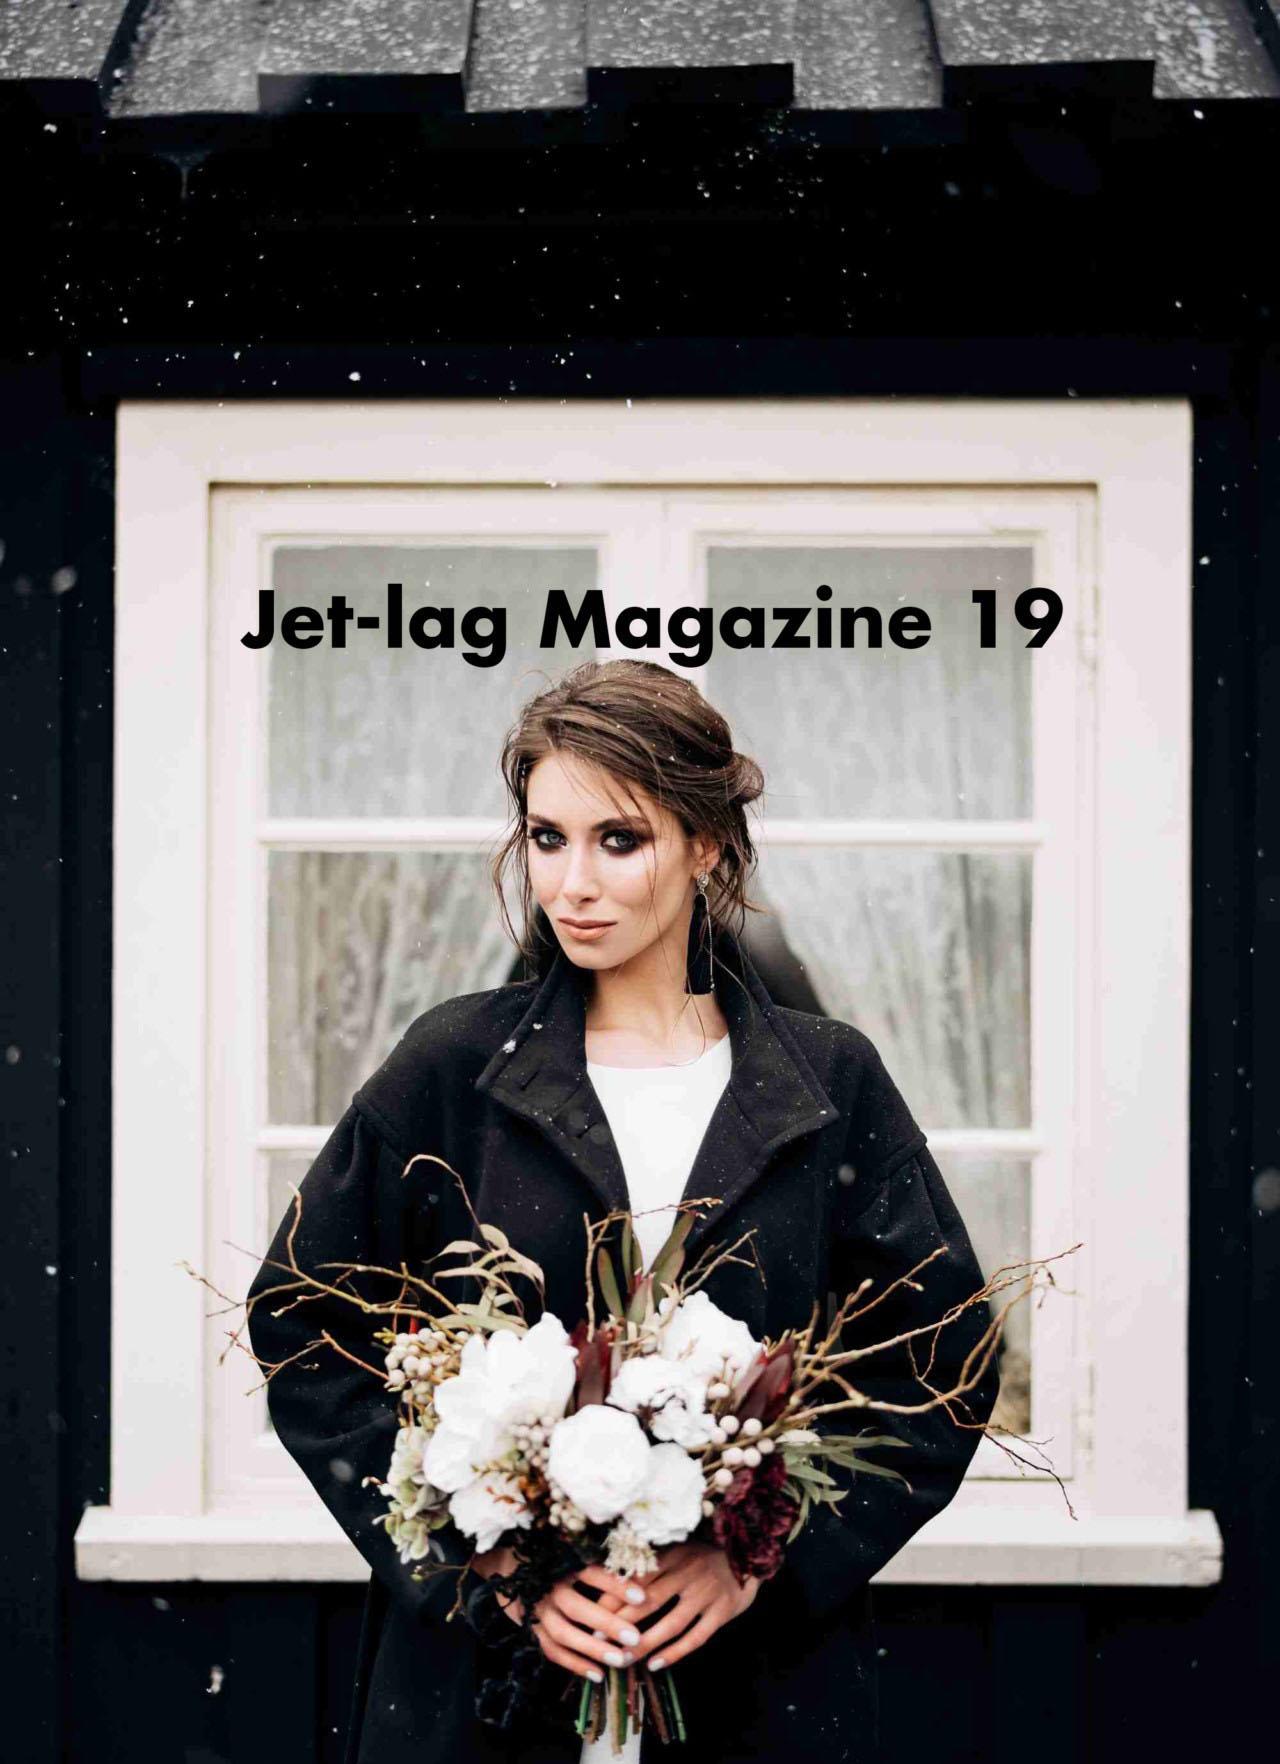 Jet-lag Magazine n°19